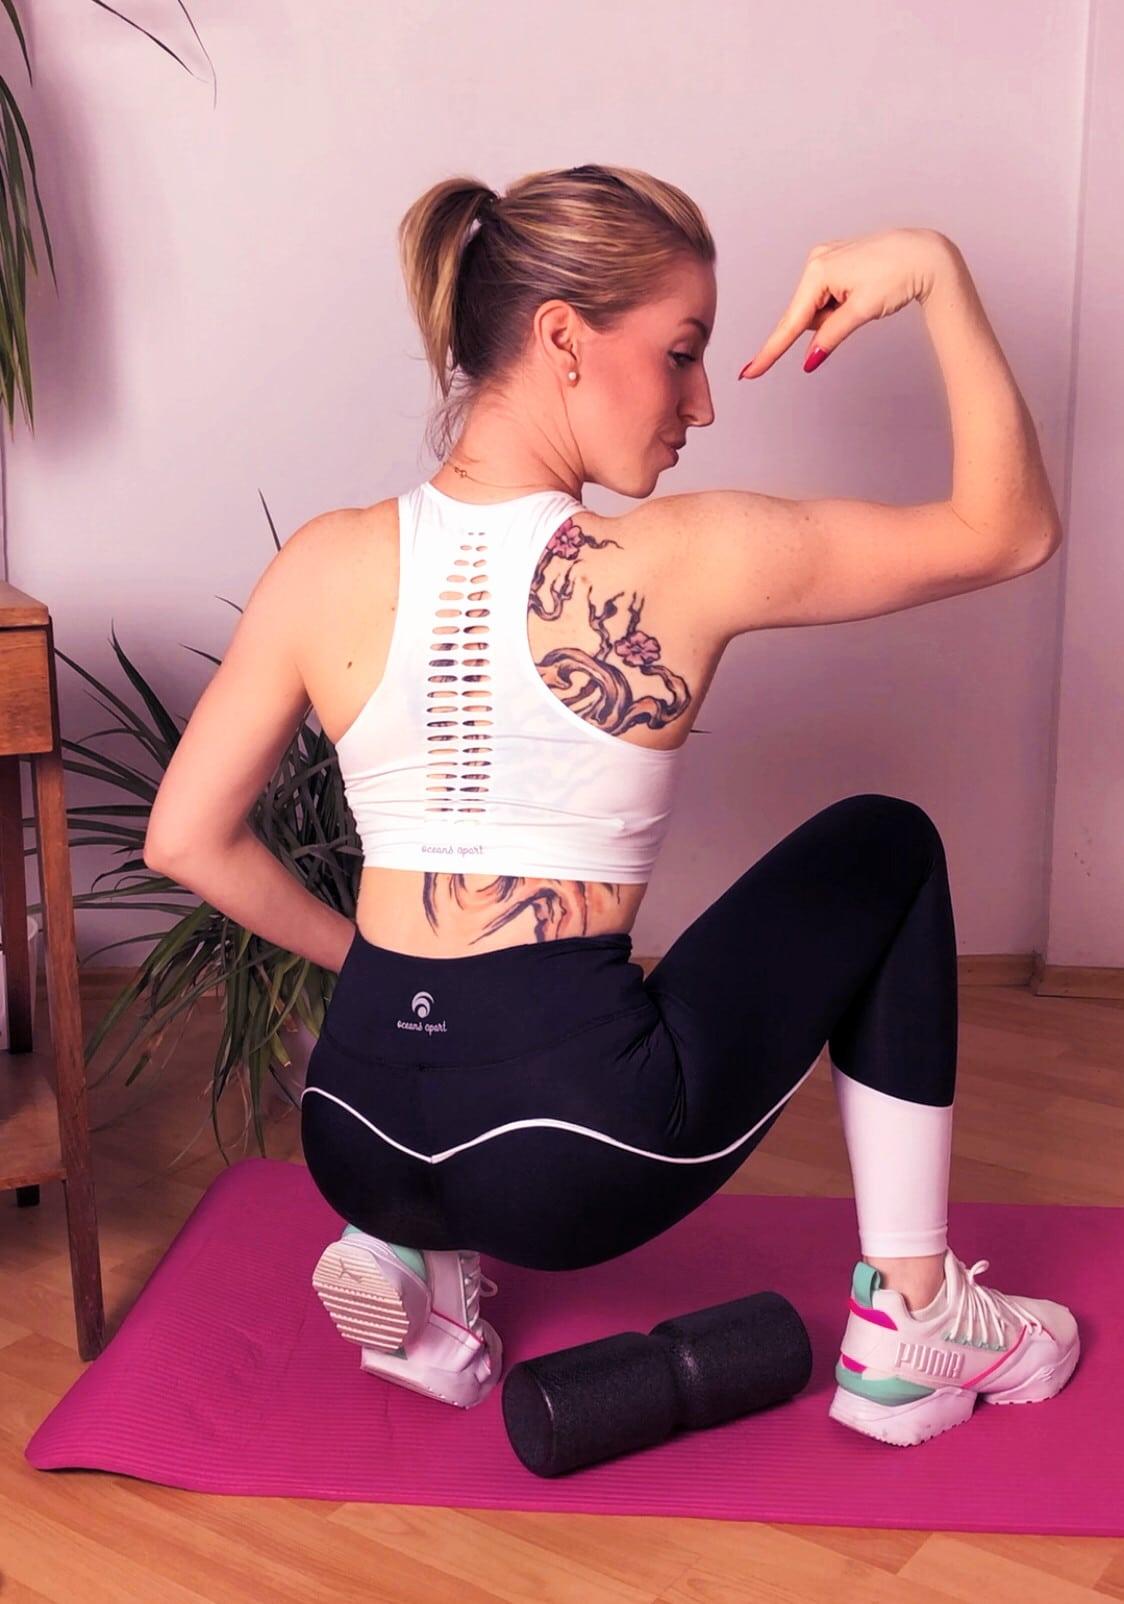 """#RÜCKENSCHMERZEN #ÜBUNGEN #ZUHAUSE Ganz nach dem Titel des neuen Liebscher & Bracht Buches """"Deutschland hat Rücken"""" (geiler Titel, der den Nagel mal wieder auf den Kopf trifft) gibt es ab heute für dich die 7 Tage Rückenchallenge, mit dessen Übungen du schon in wenigen Tagen deine Rückenschmerzen los sein kannst. Die Rückenschmerzen Übungen kannst du einfach zuhause ausführen und ich gespannt, wohin uns diese sinnvolle Bewegung führen wird."""